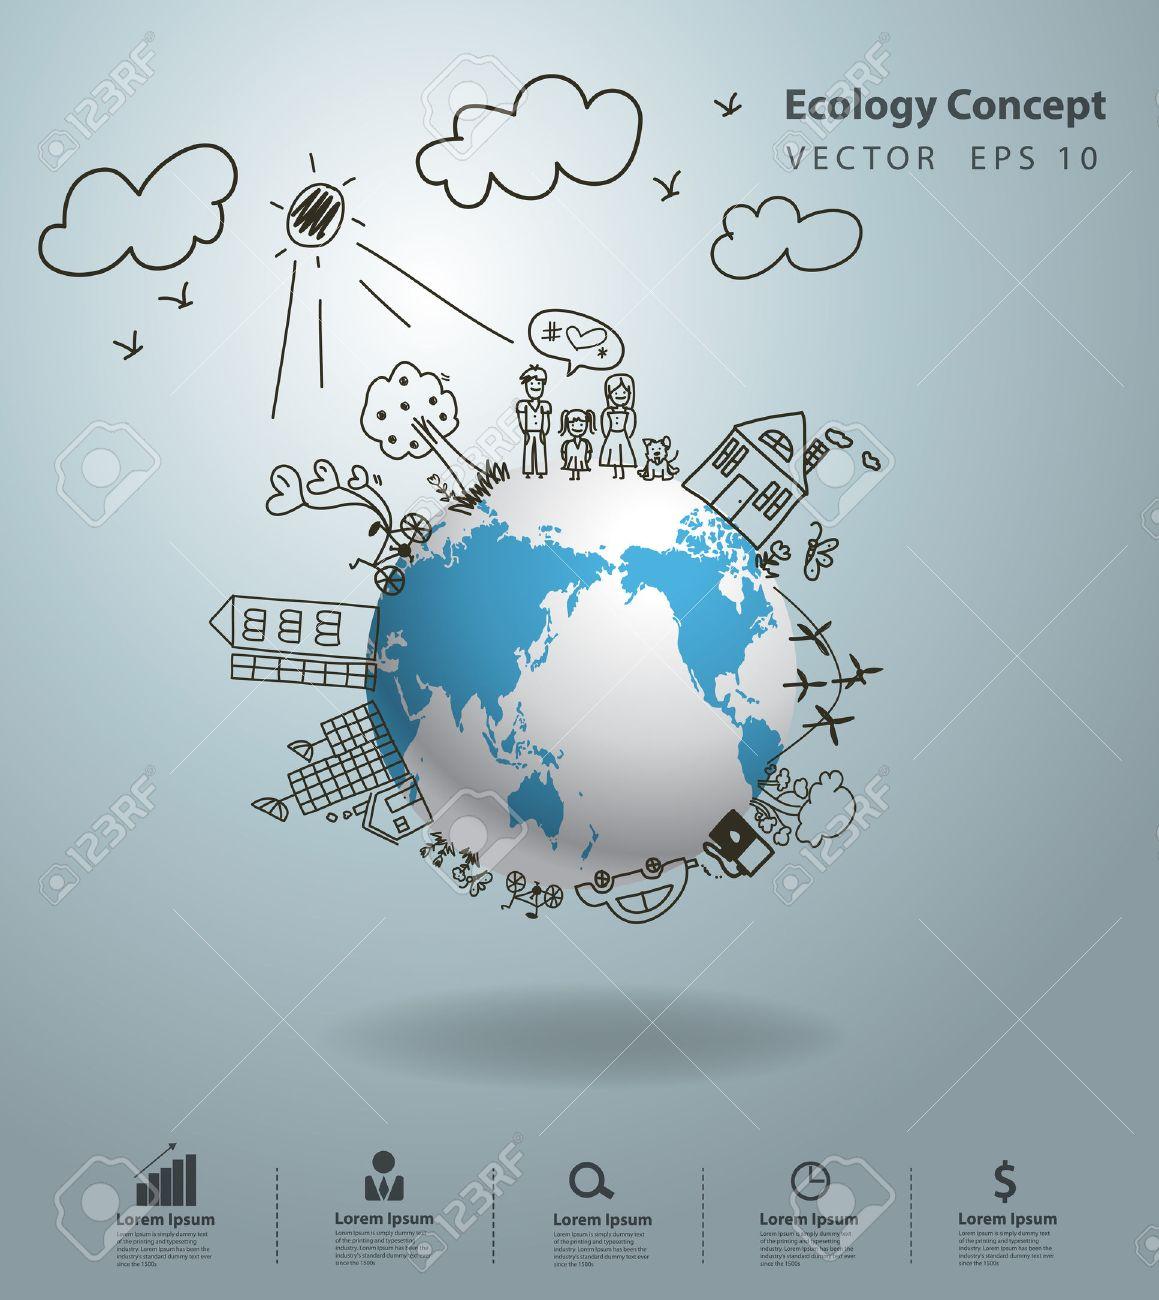 Vecteur clipart de main sur 201 cologie conscience image concept -  Cologie Concept De L Cologie Dessin Cr Atif Sur L Environnement Mondial Avec